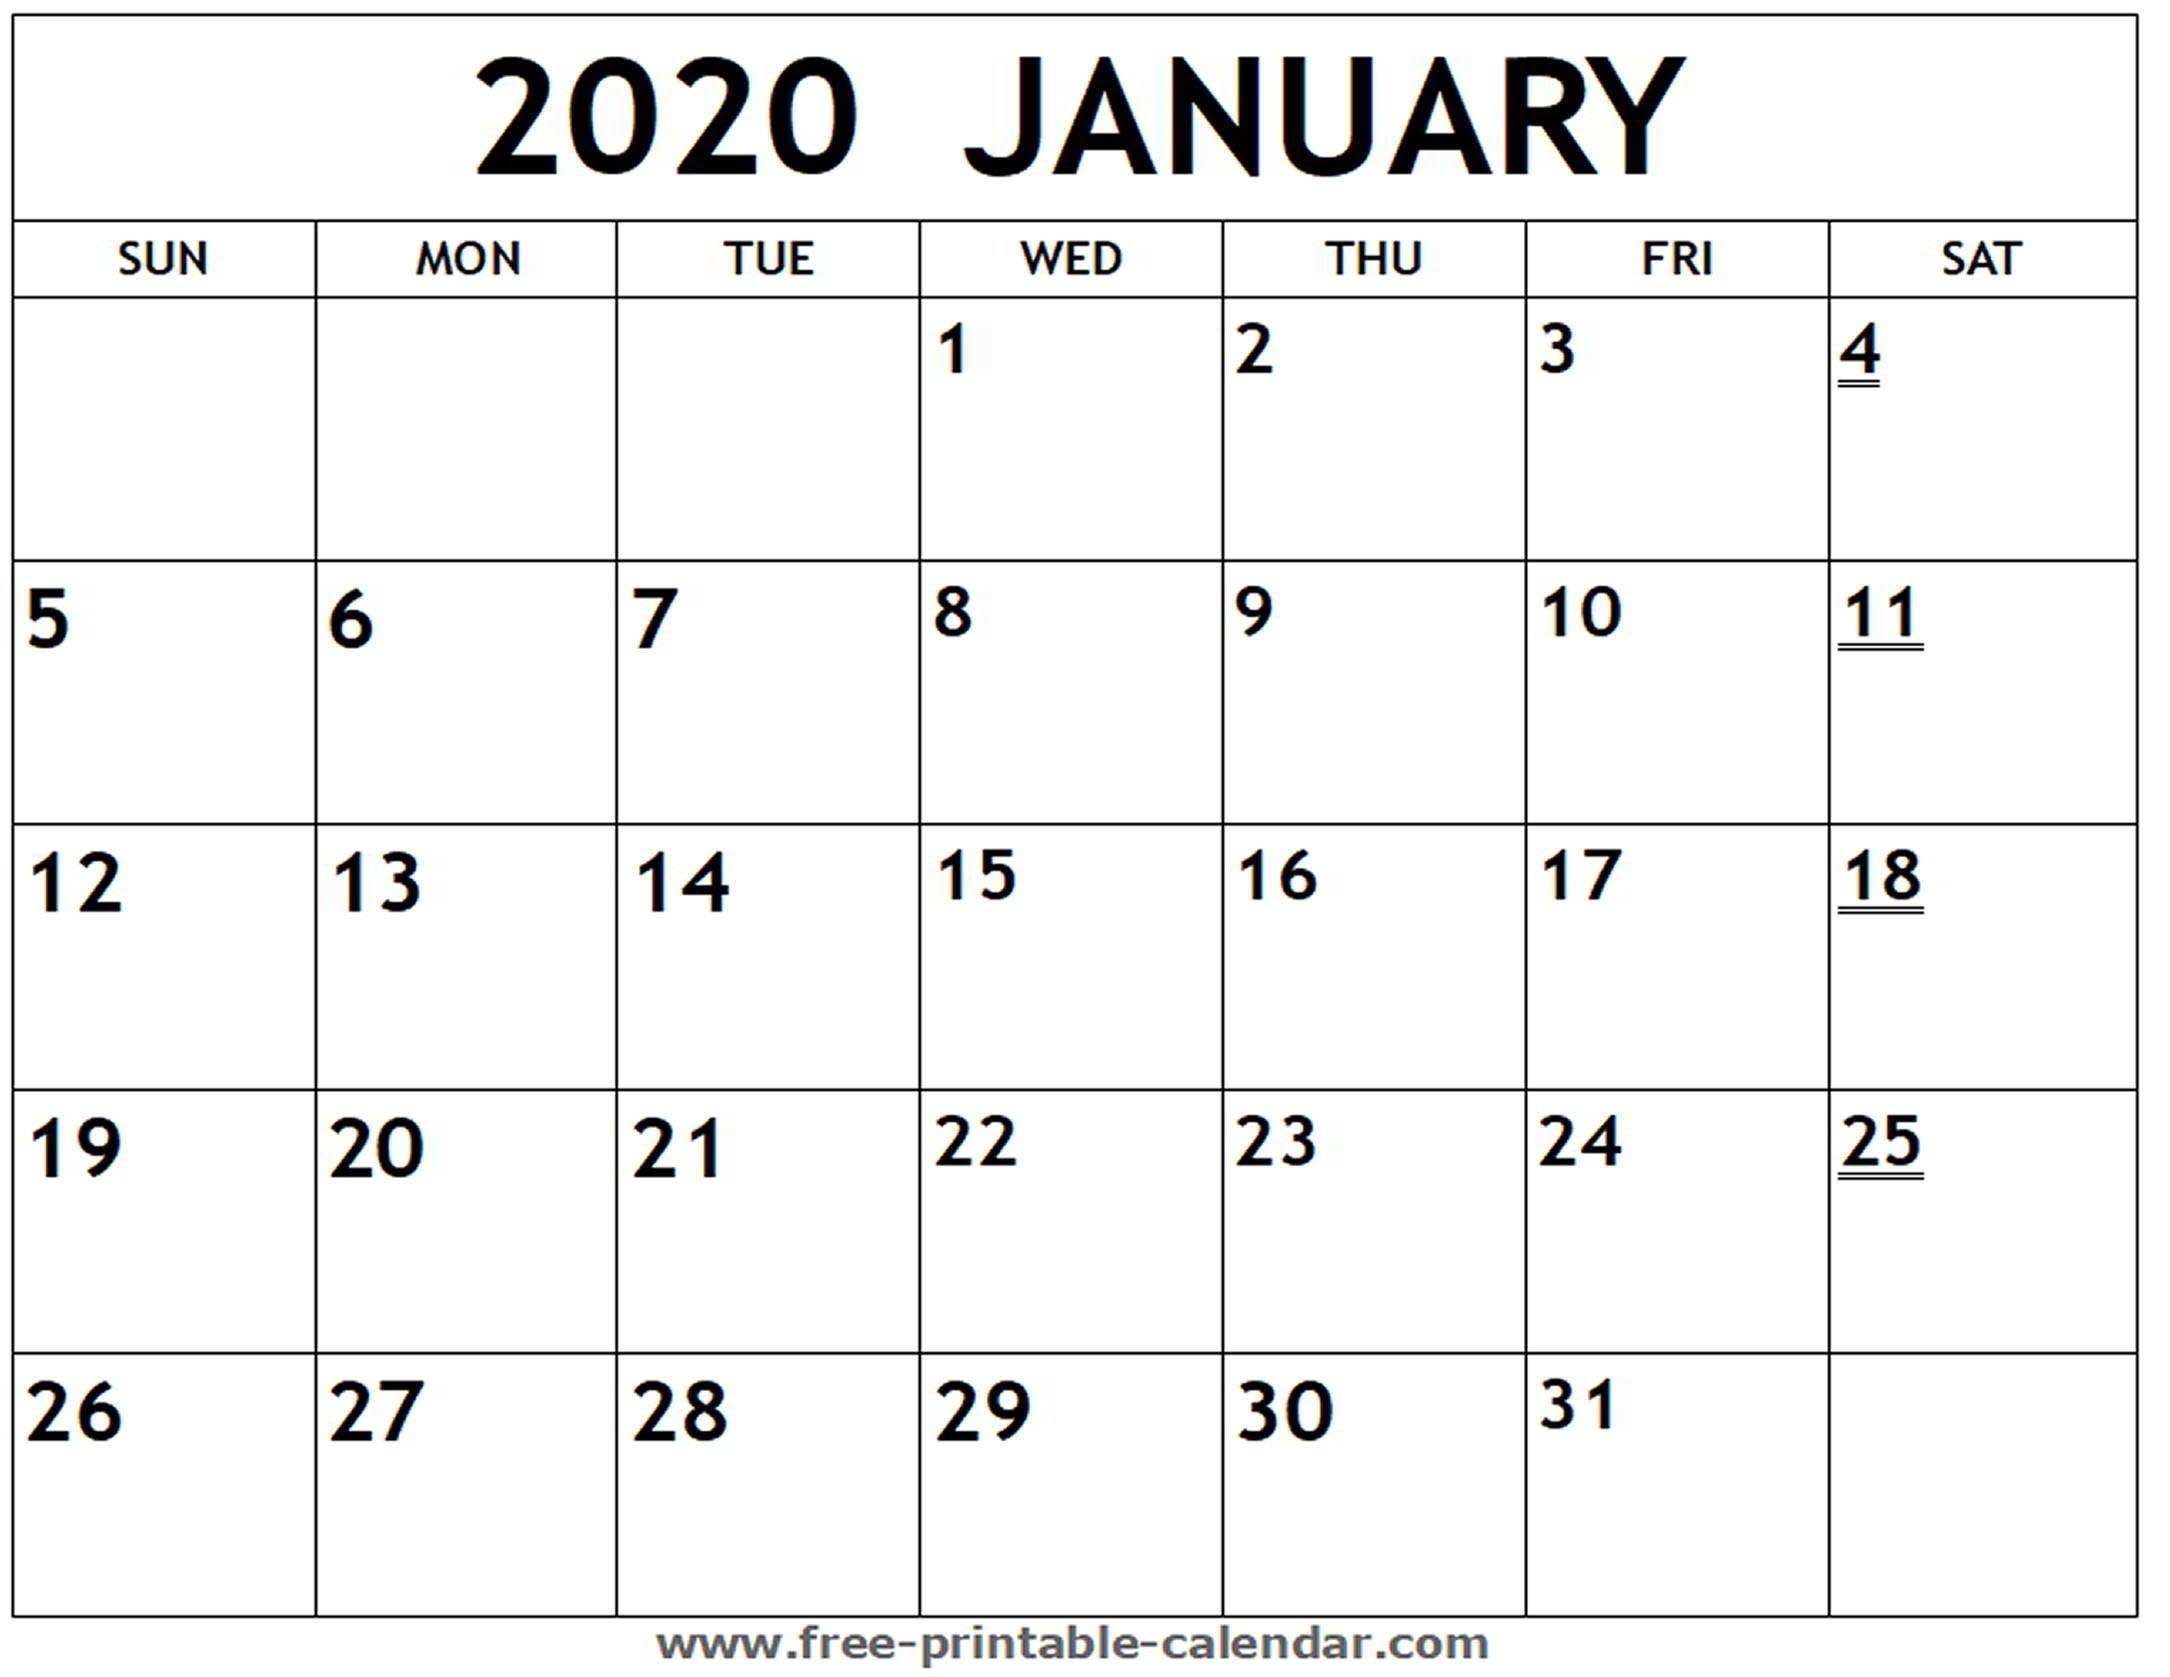 Printable 2020 January Calendar - Free-Printable-Calendar with regard to Printable Calendar 2020 Monthly Free